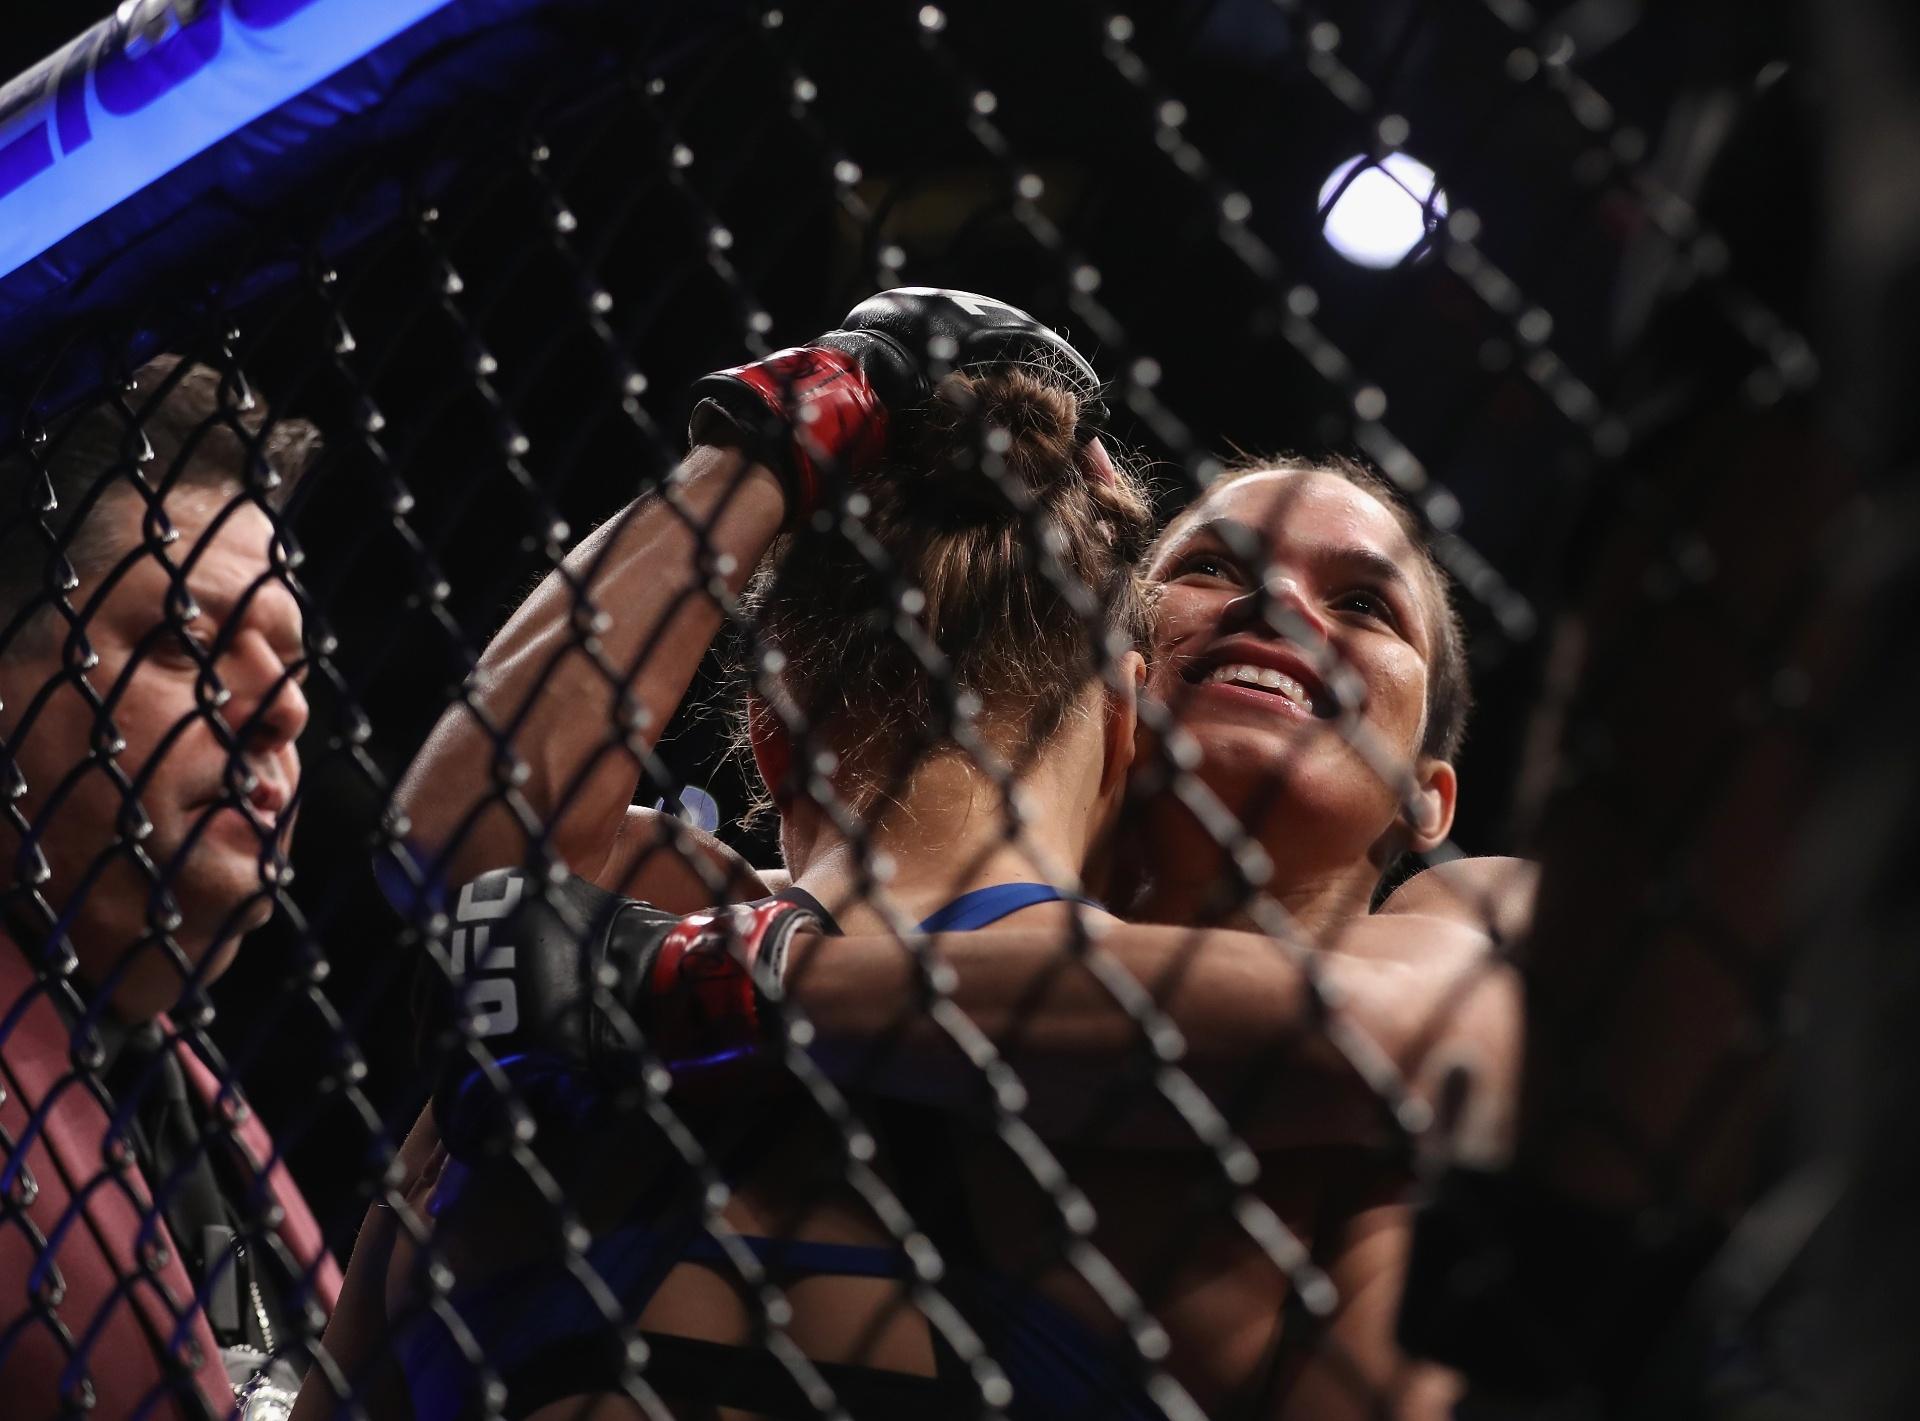 Especial - Amanda Nunes consola Ronda Rousey após sua vitória no UFC